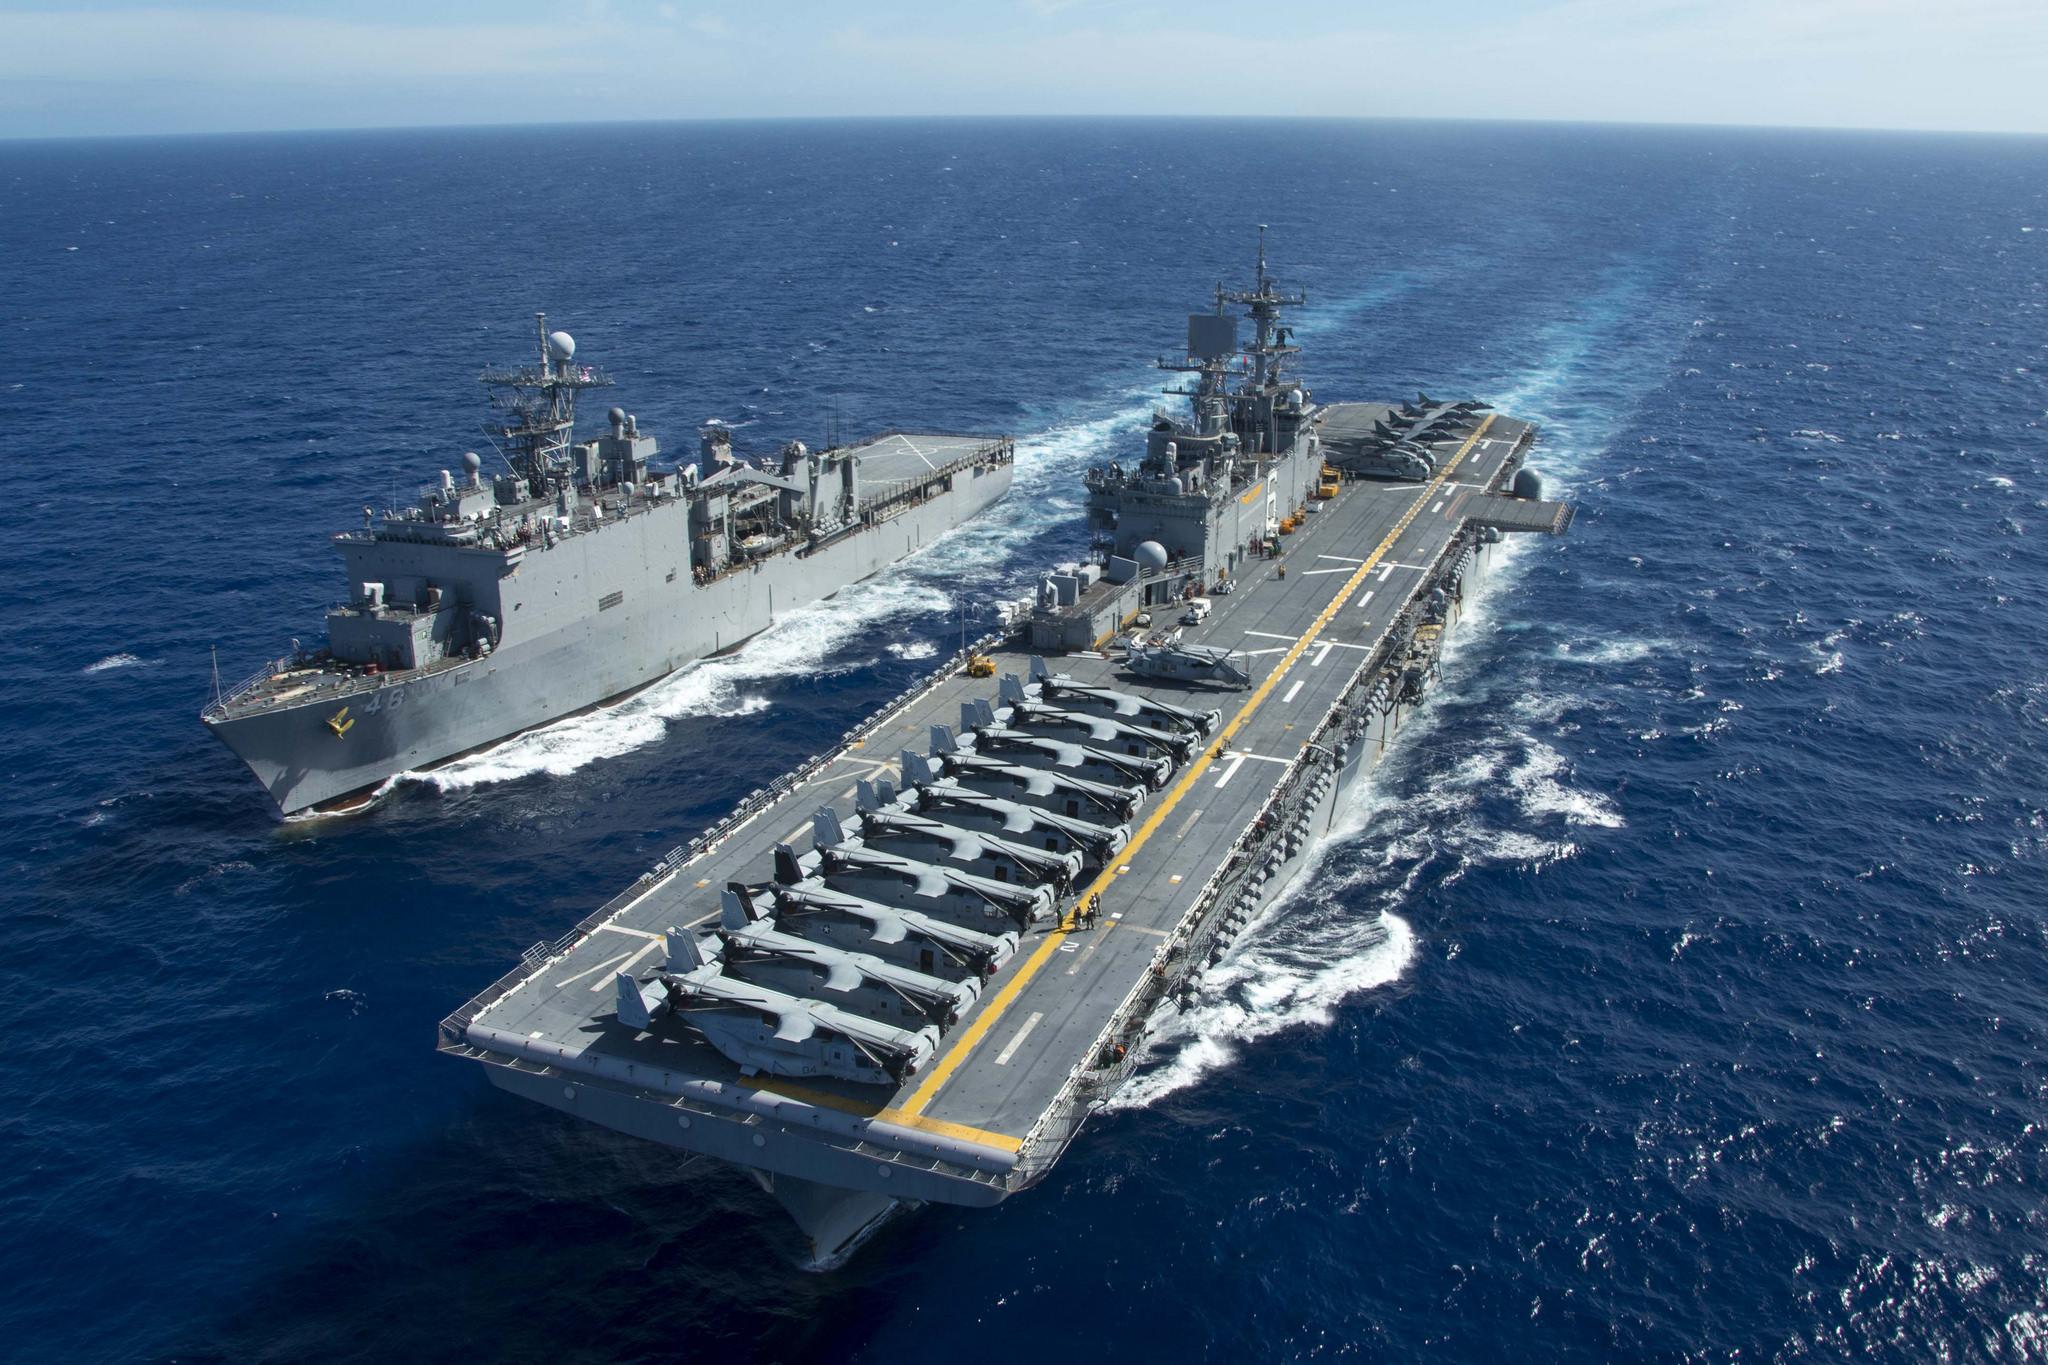 USS BONHOMME RICHARD LHD-6 und USS ASHLAND LSD-48 am 05.06.2015 im Pazifik Bild: U.S. Navy